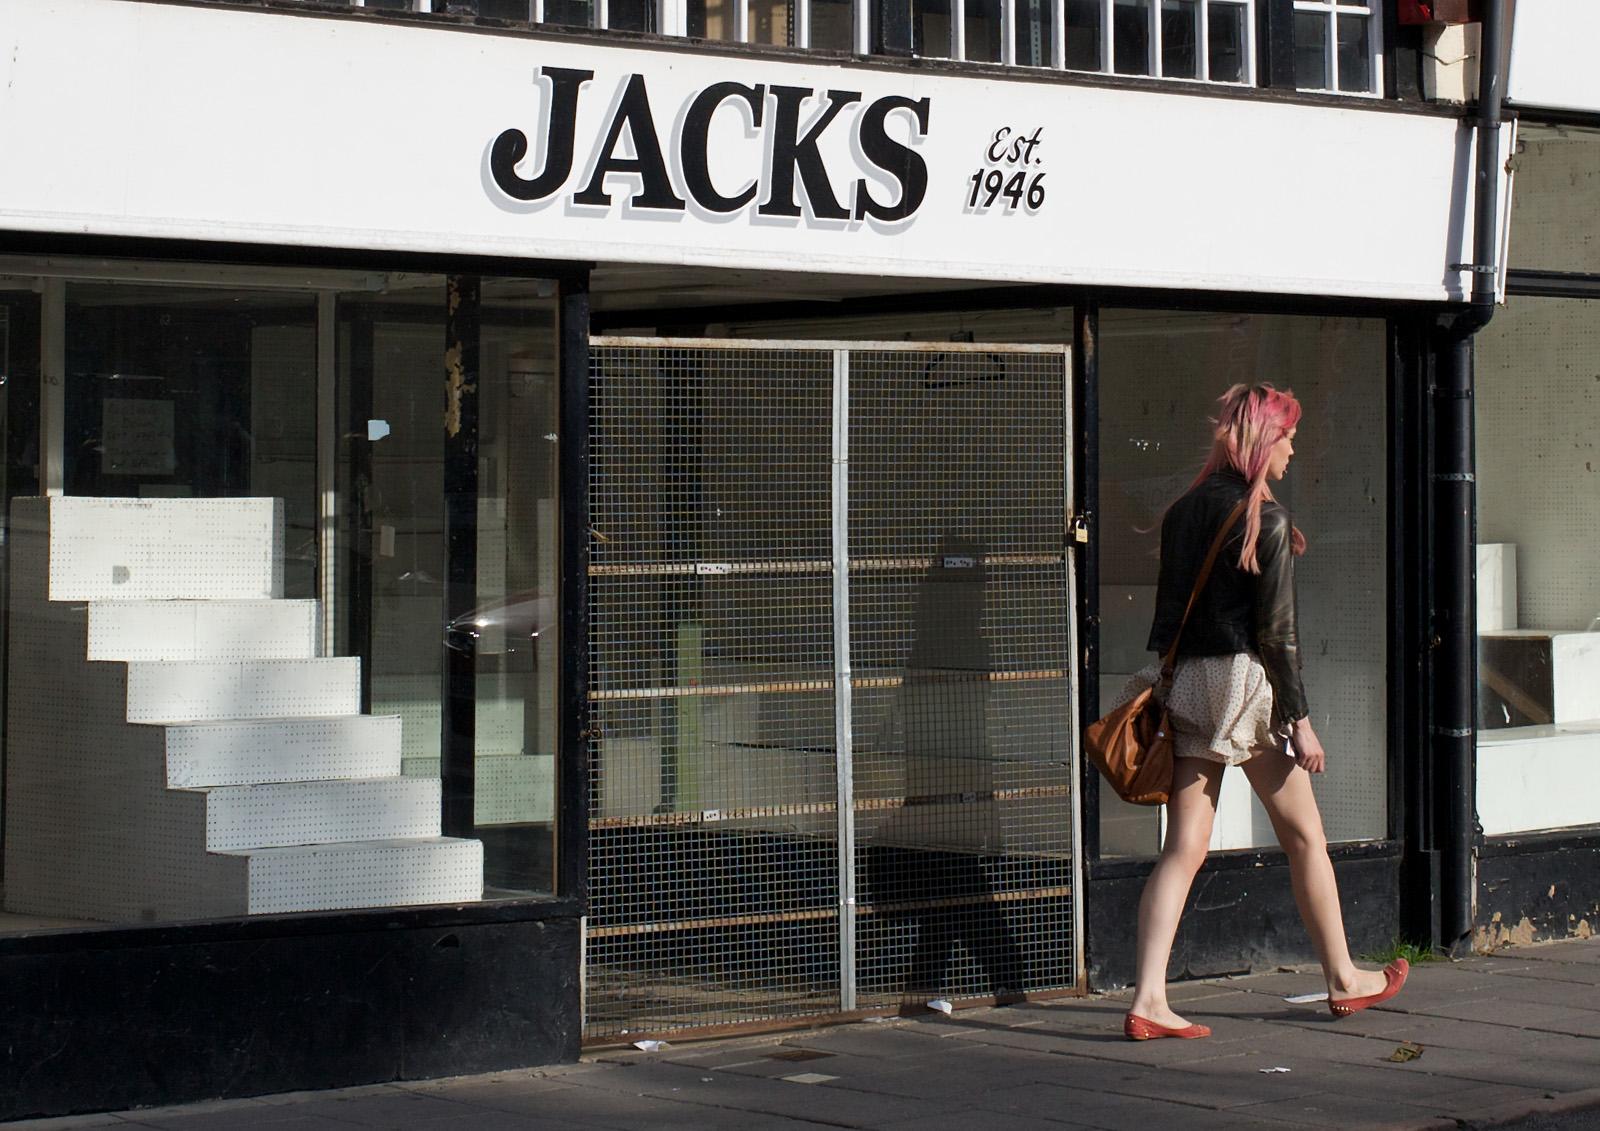 Jacks hardware store